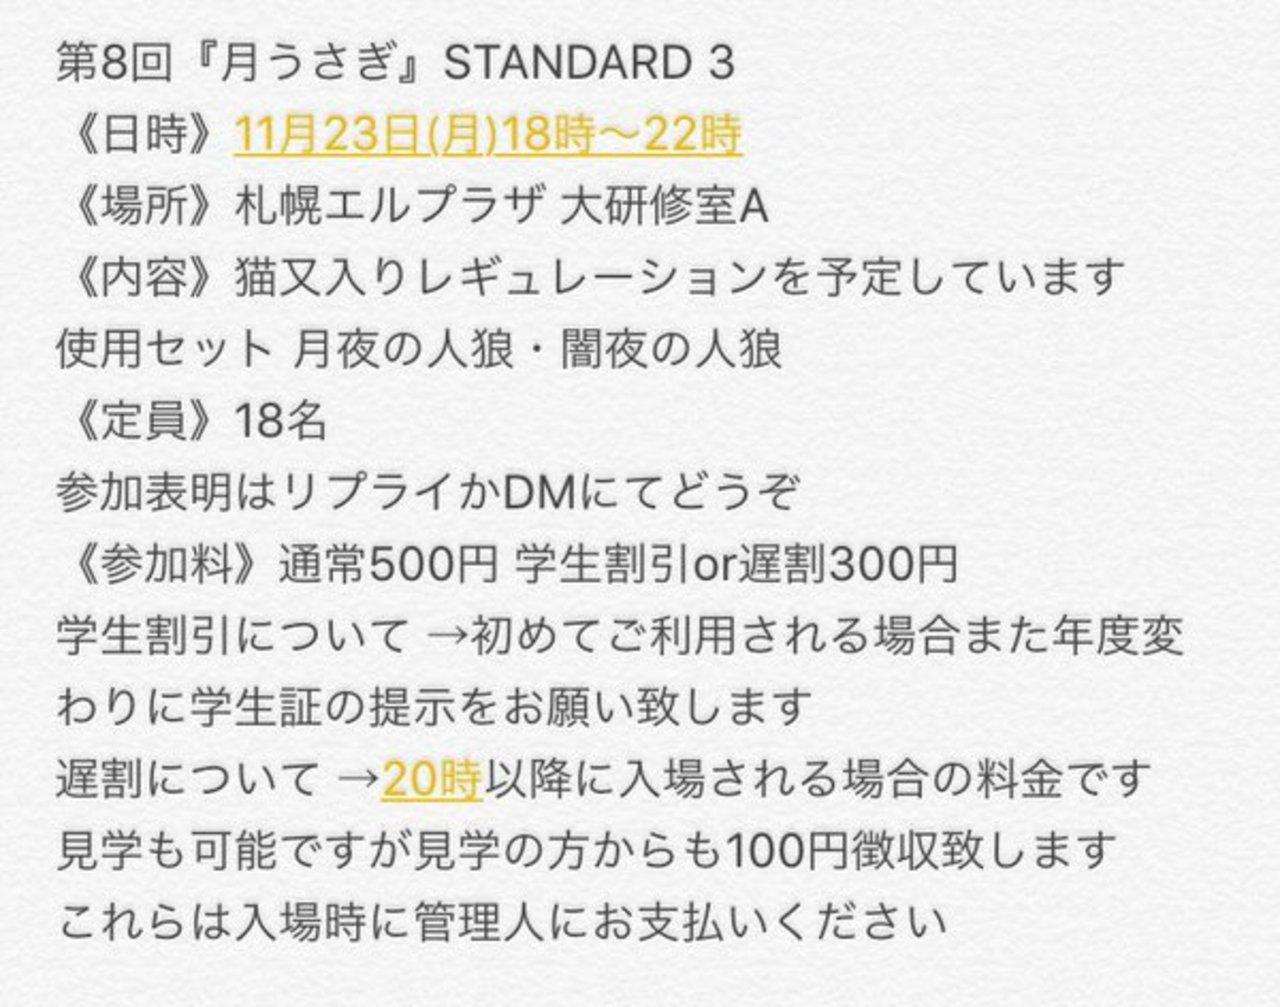 対面人狼サークル 月うさぎ STANDERD3 札幌エルプラザ (11/23) 札幌